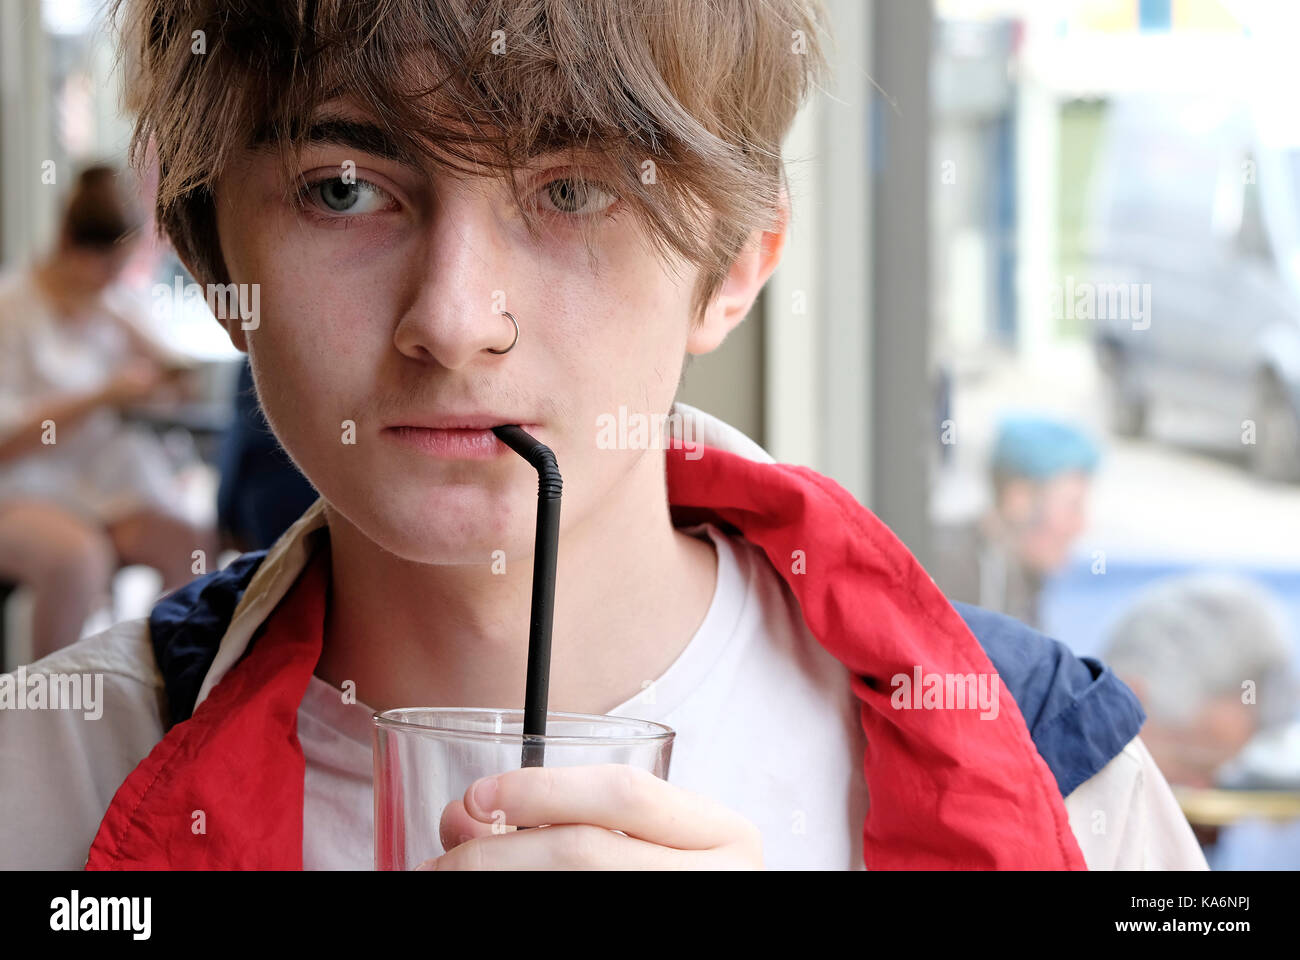 Adolescente di bere una bevanda analcolica dal paglia nel cafe interior Immagini Stock